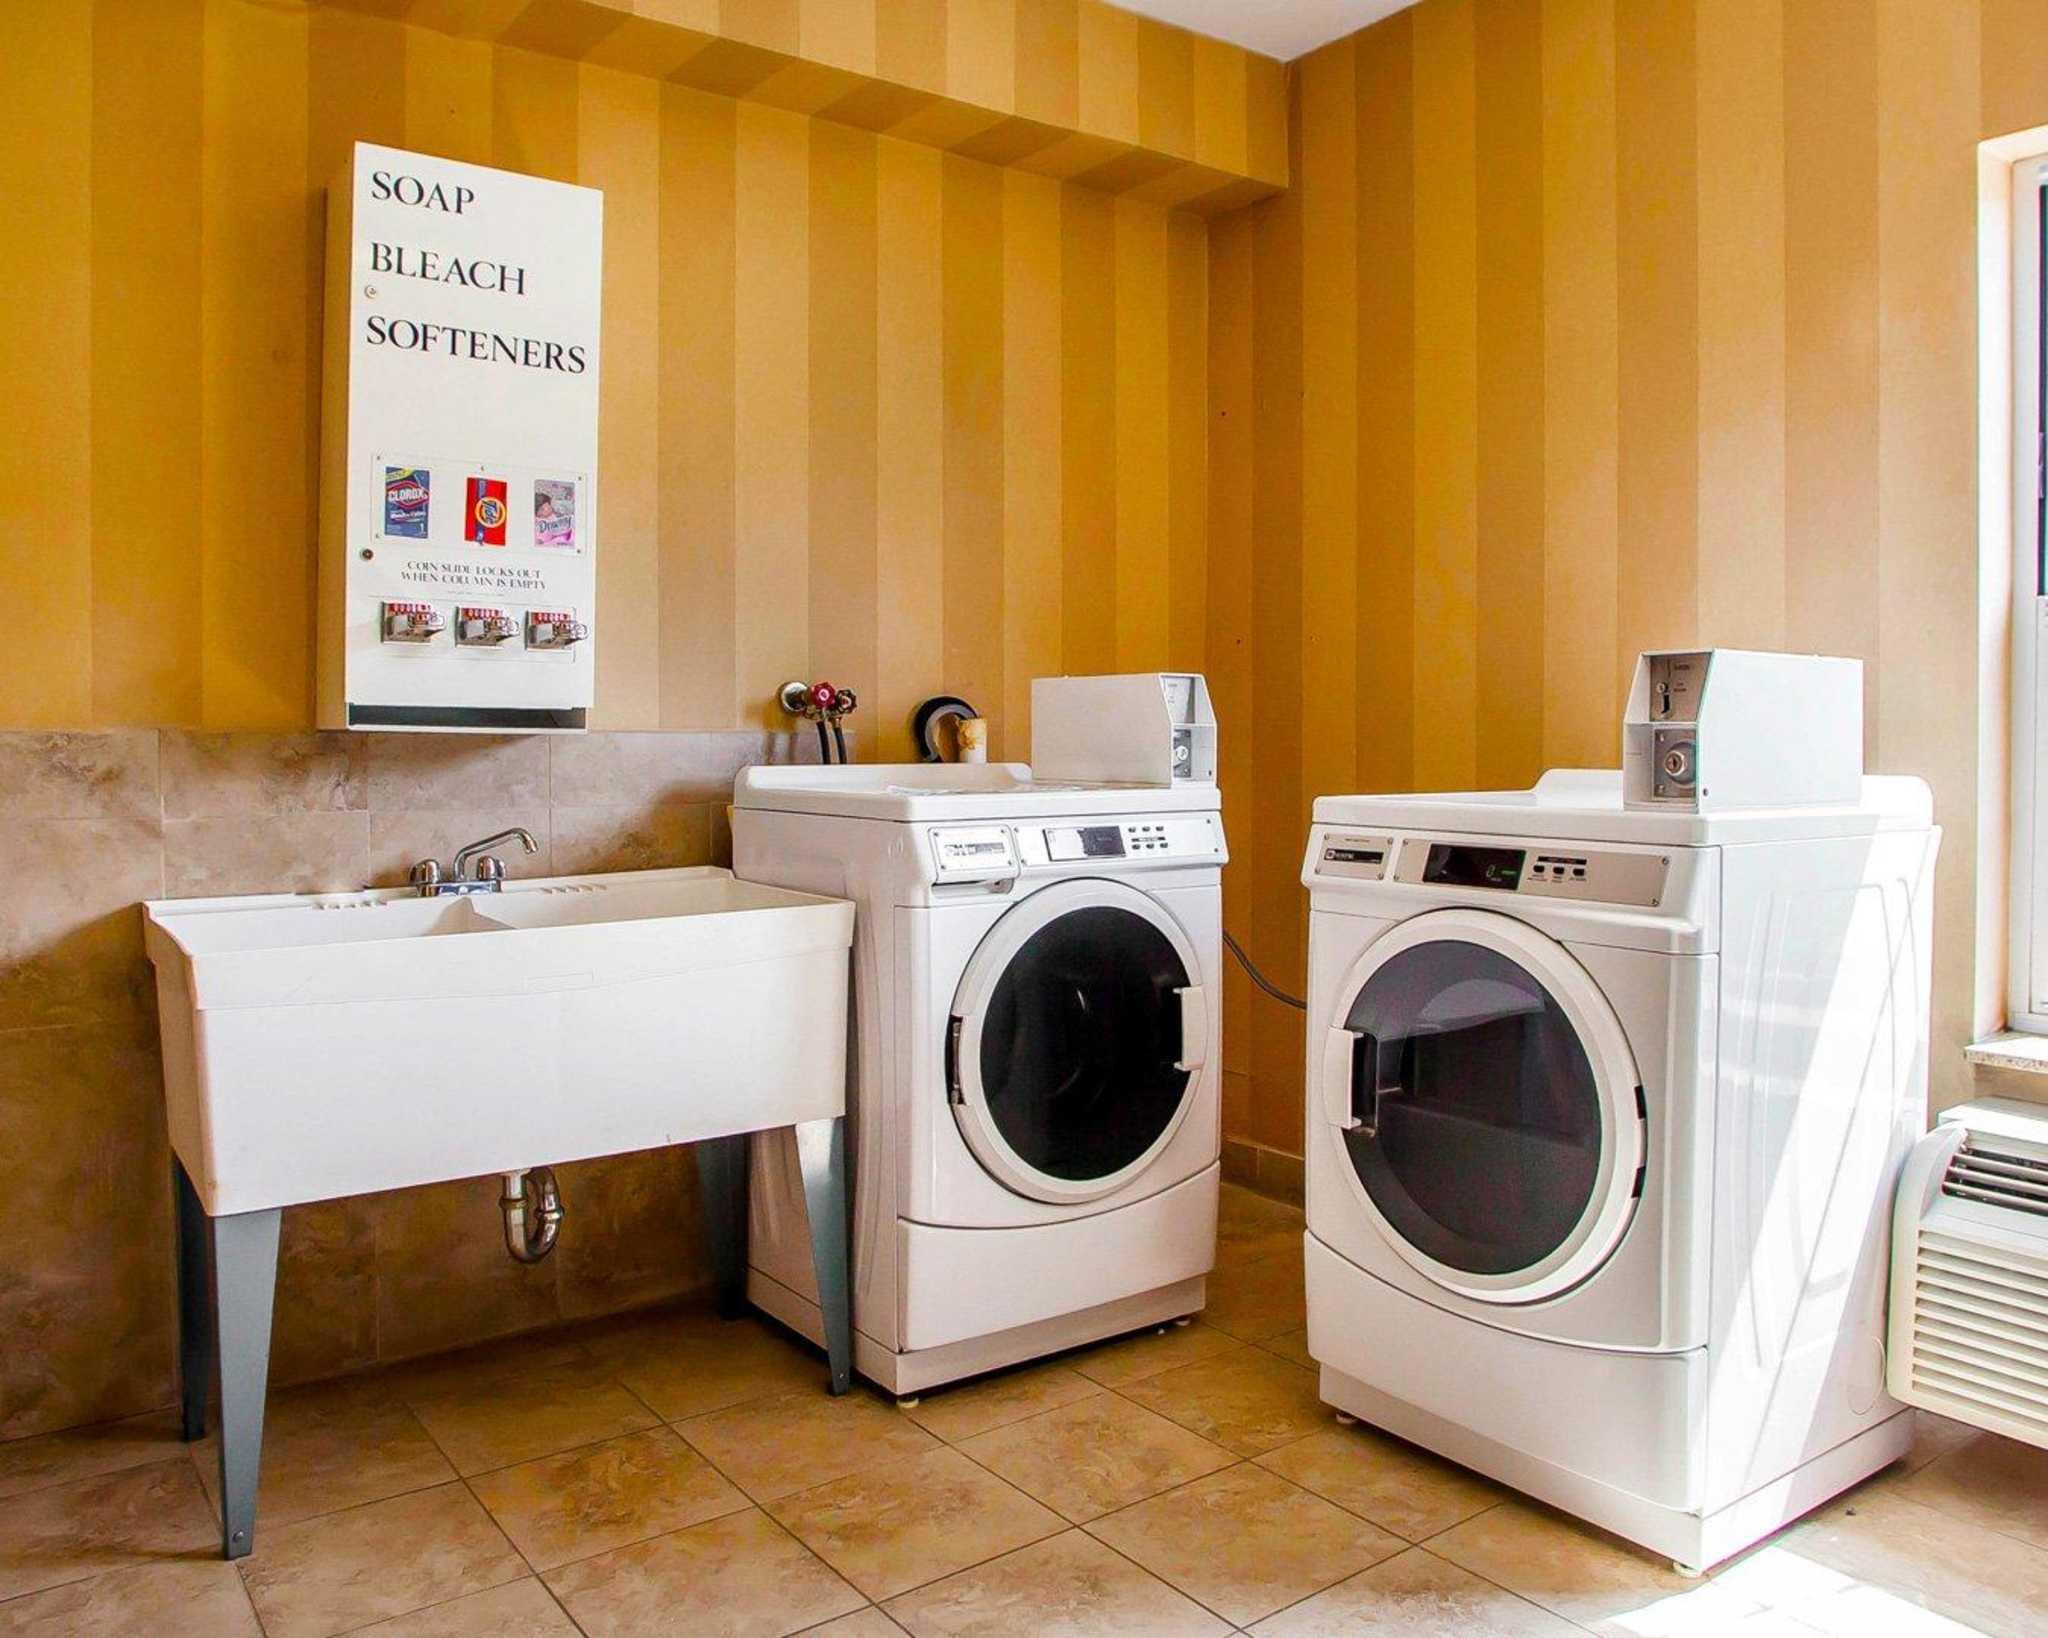 Comfort Suites East Brunswick New Jersey NJ